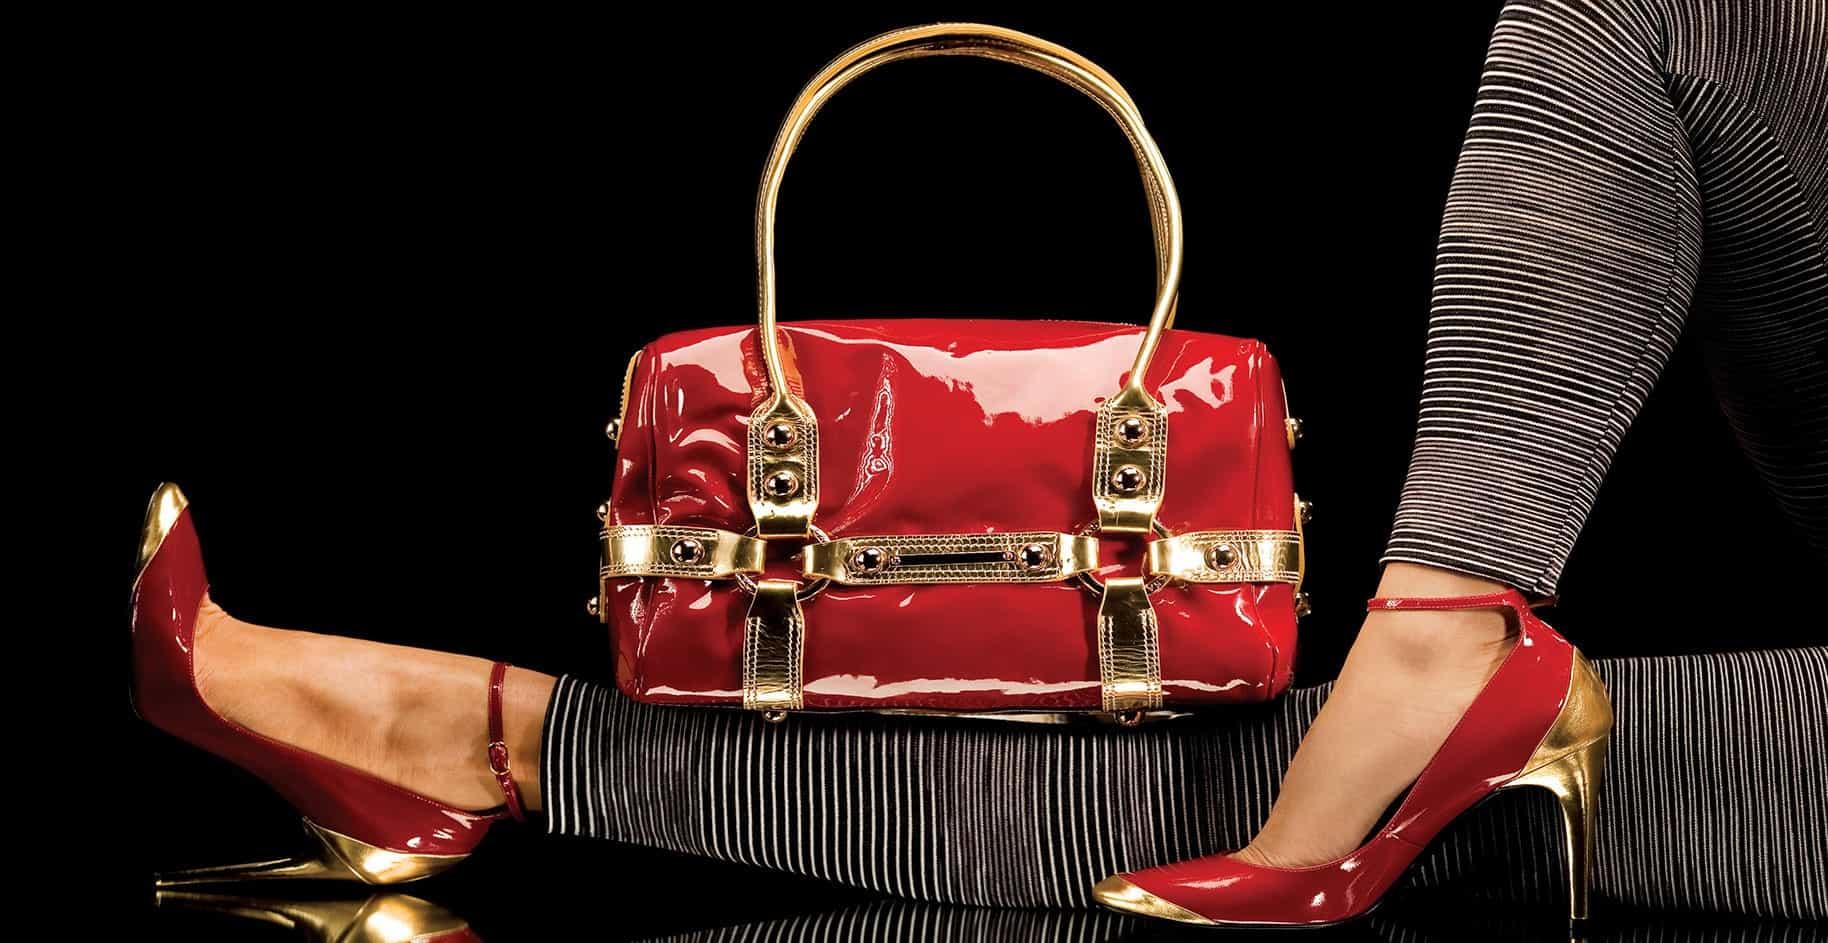 Купить сумку женскую недорого  советы по выбору - Интернет магазин ... 8f0f7ce2db6